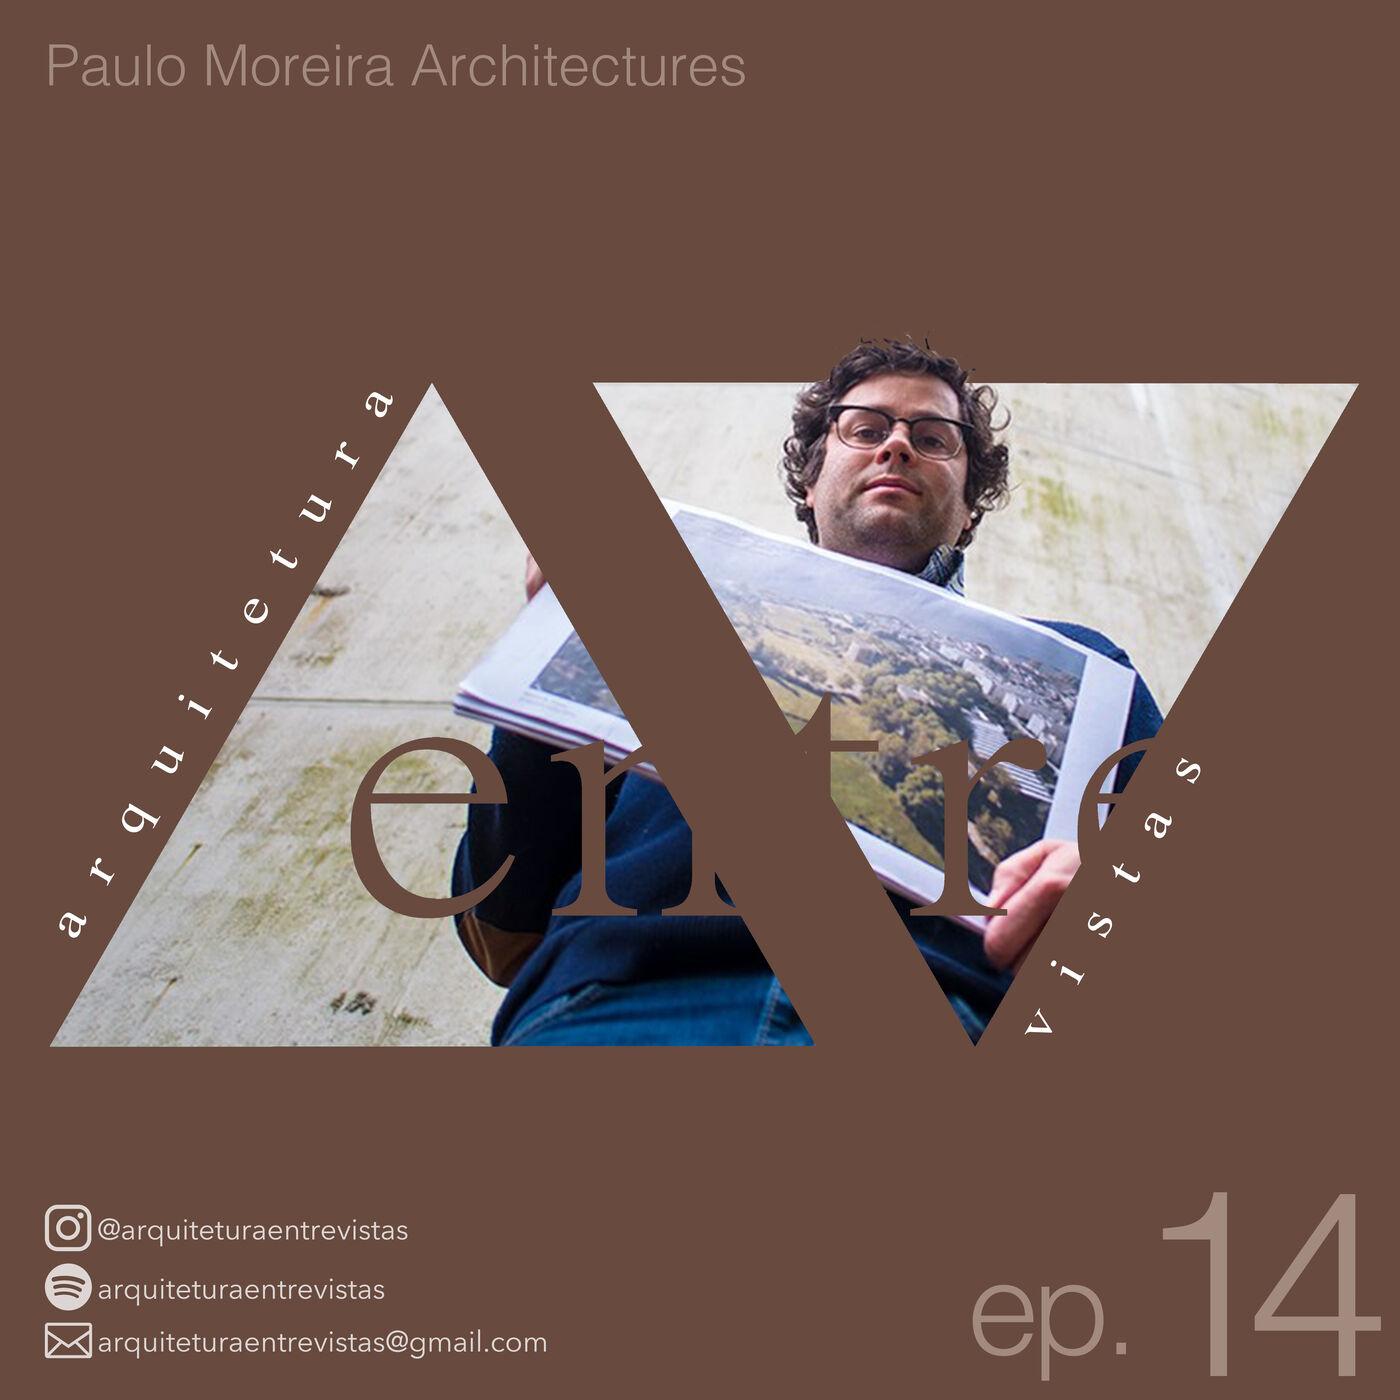 EP.14 Paulo Moreira, Arquitetura Entre Vistas